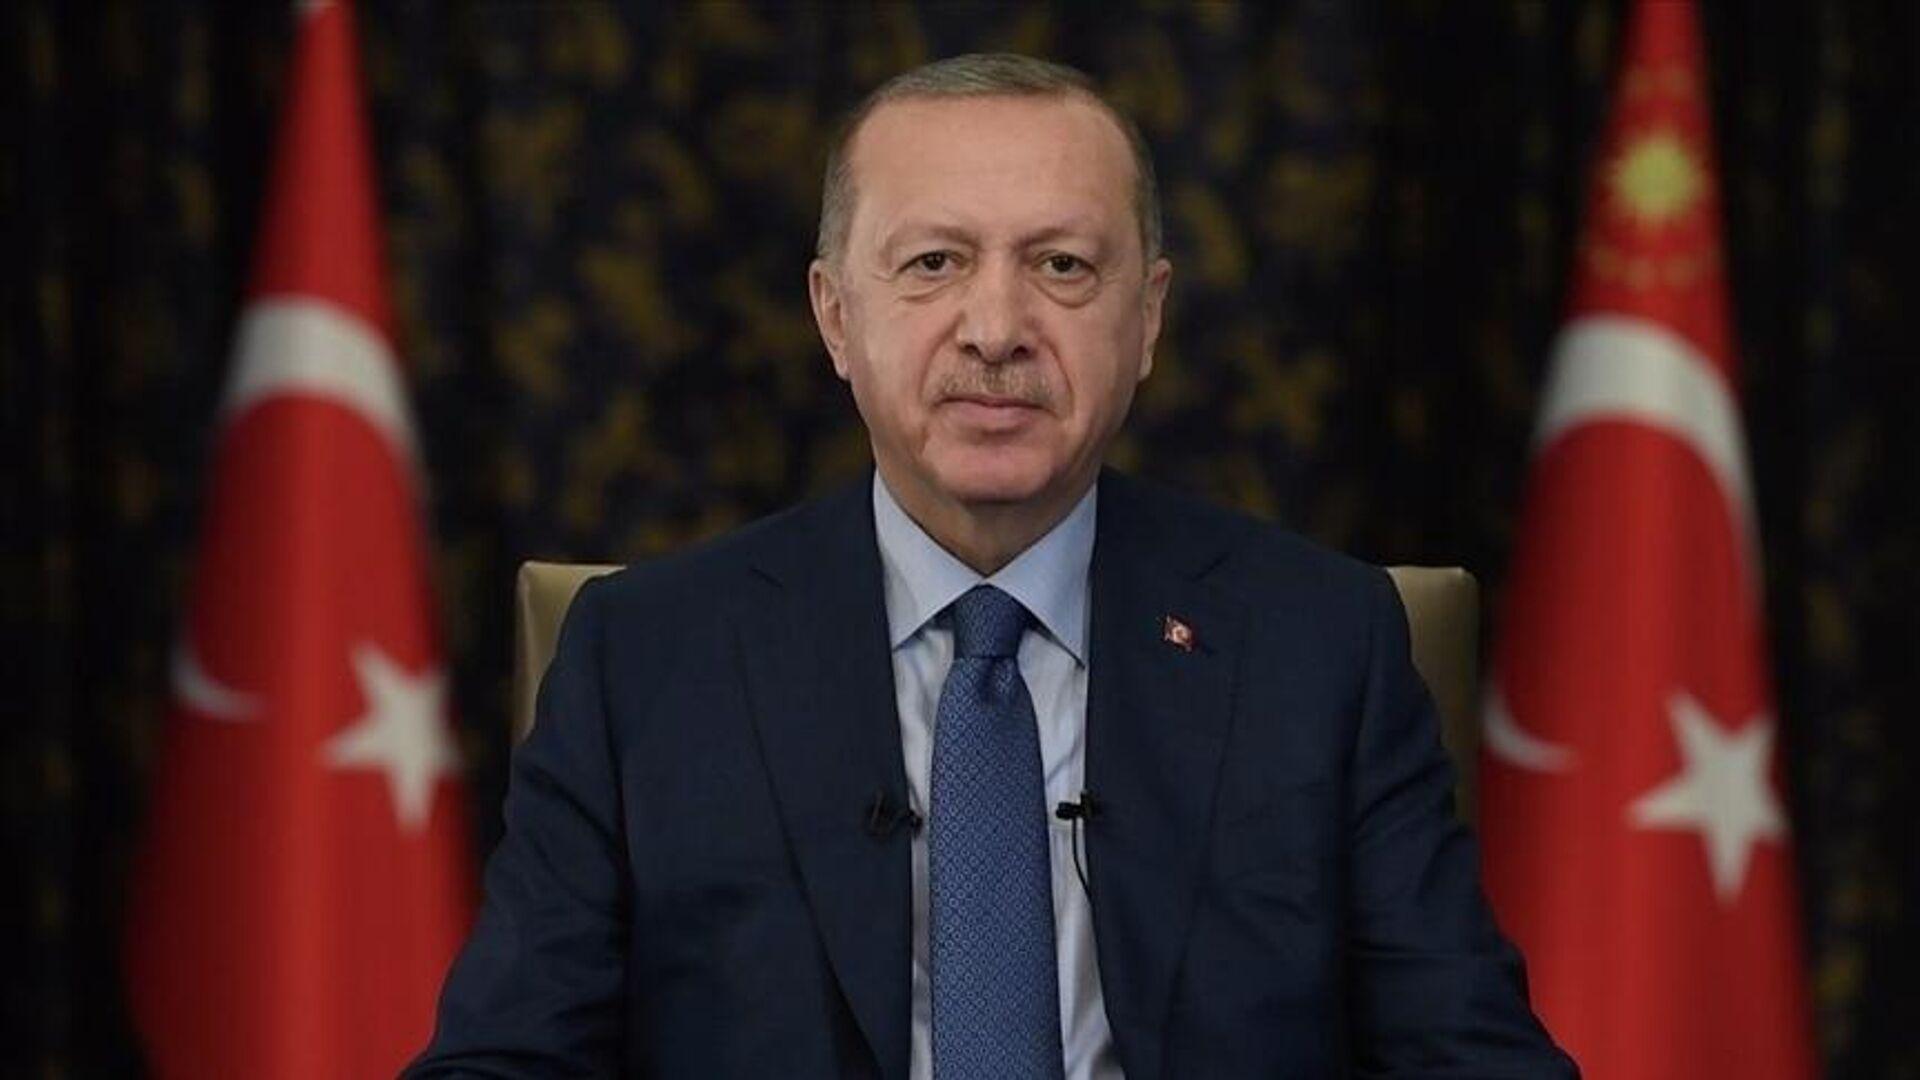 Cumhurbaşkanı Erdoğan: Uluslararası toplumun Afgan halkına sırtını dönme lüksü yoktur - Sputnik Türkiye, 1920, 12.10.2021